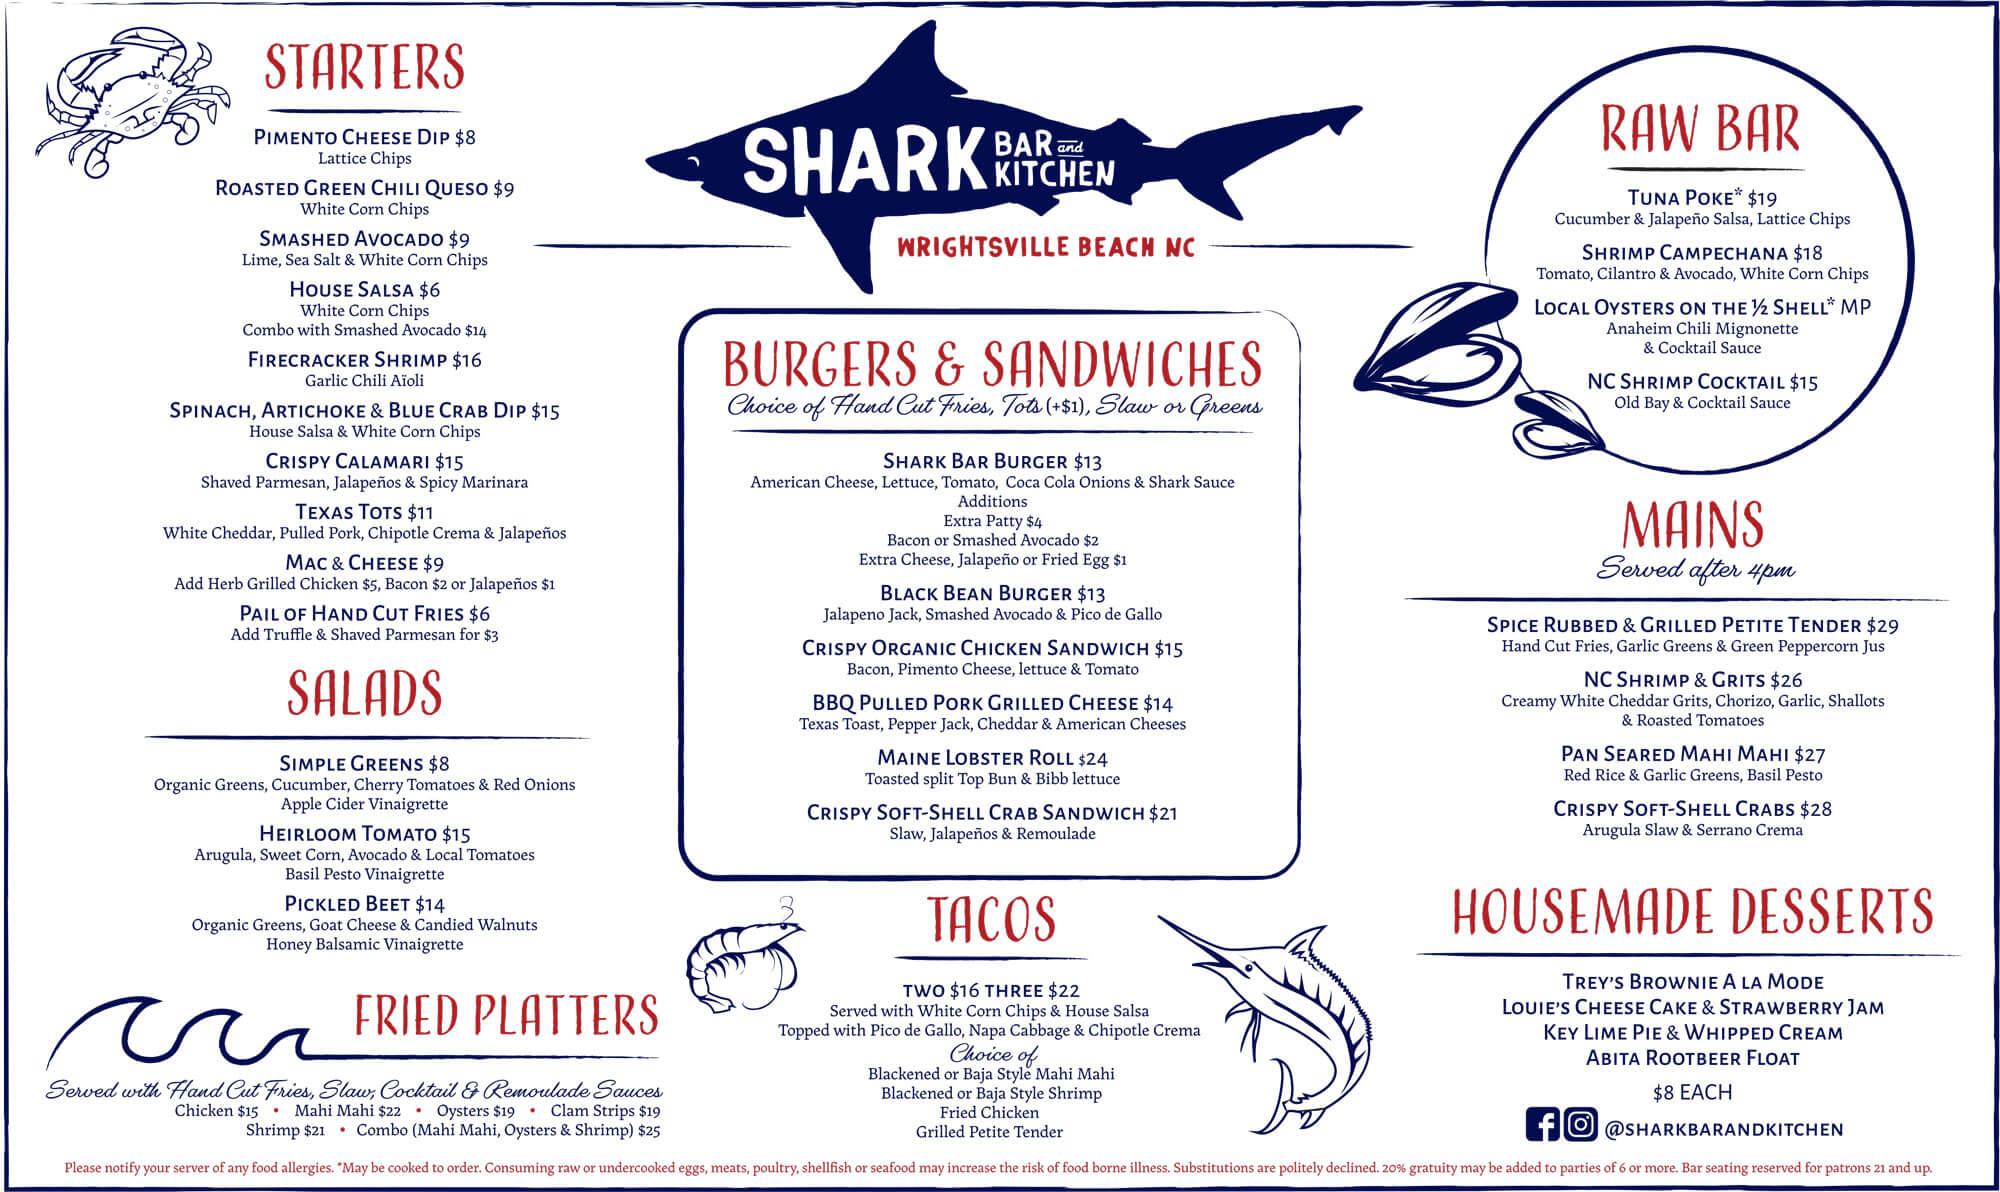 Shark Bar Lunch and Dinner Menu Summer 2019